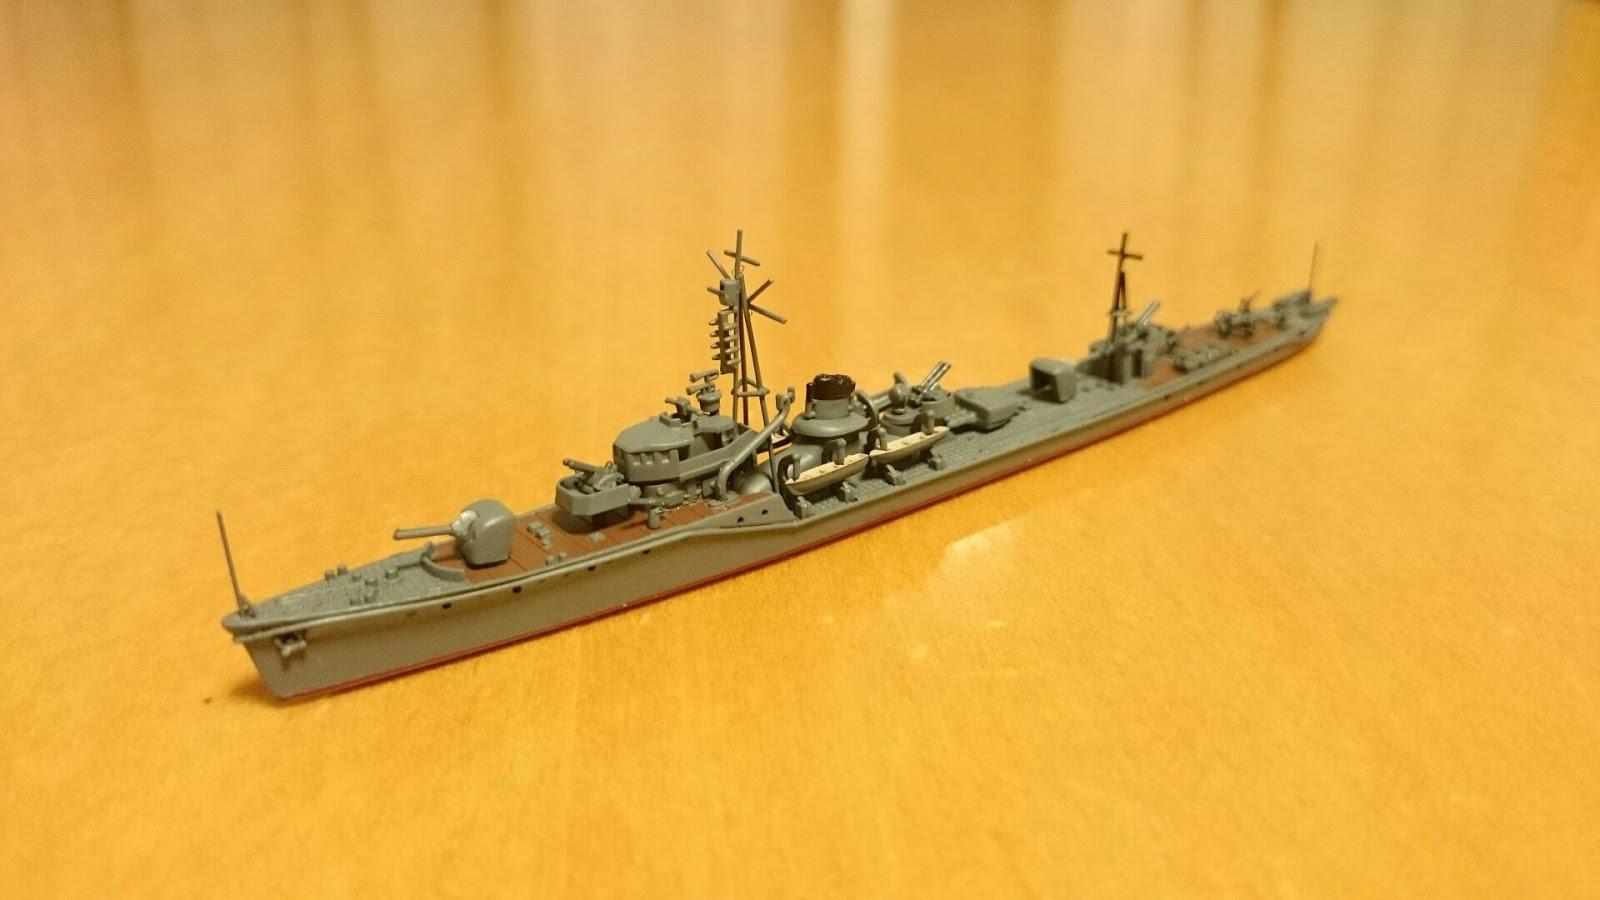 千鳥 (千鳥型水雷艇)